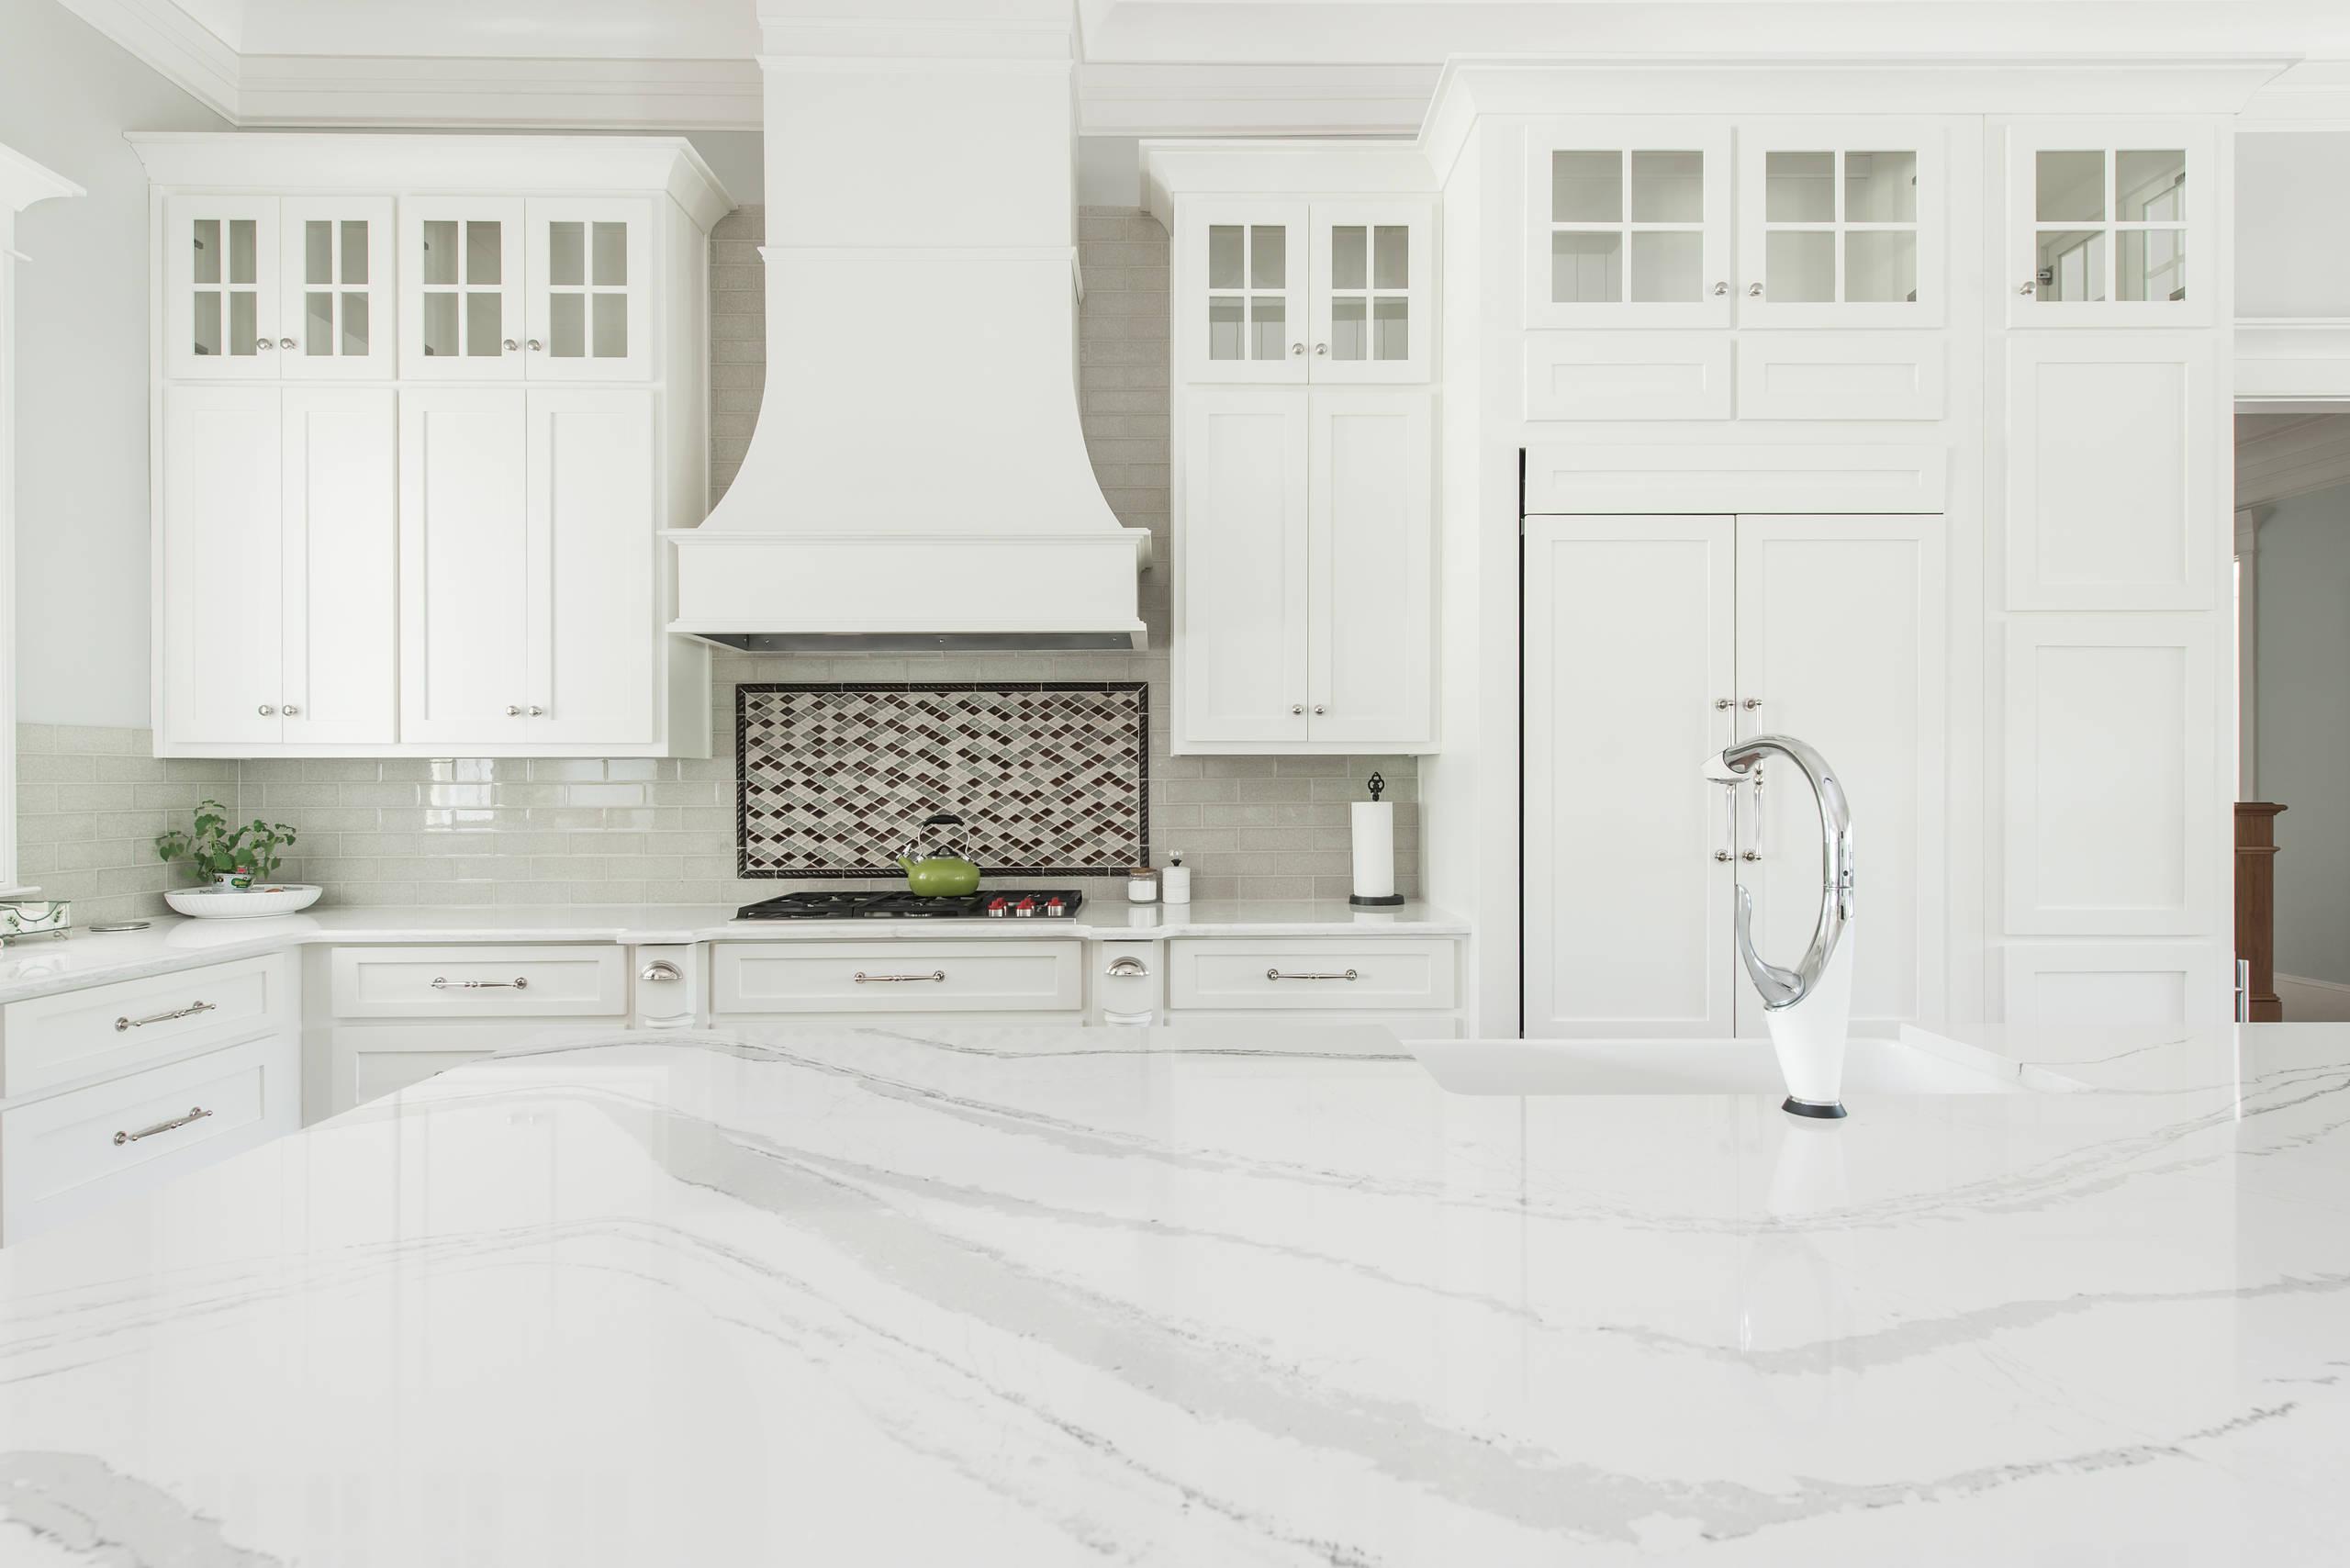 Allmilmo Kitchen Cabinets Houzz